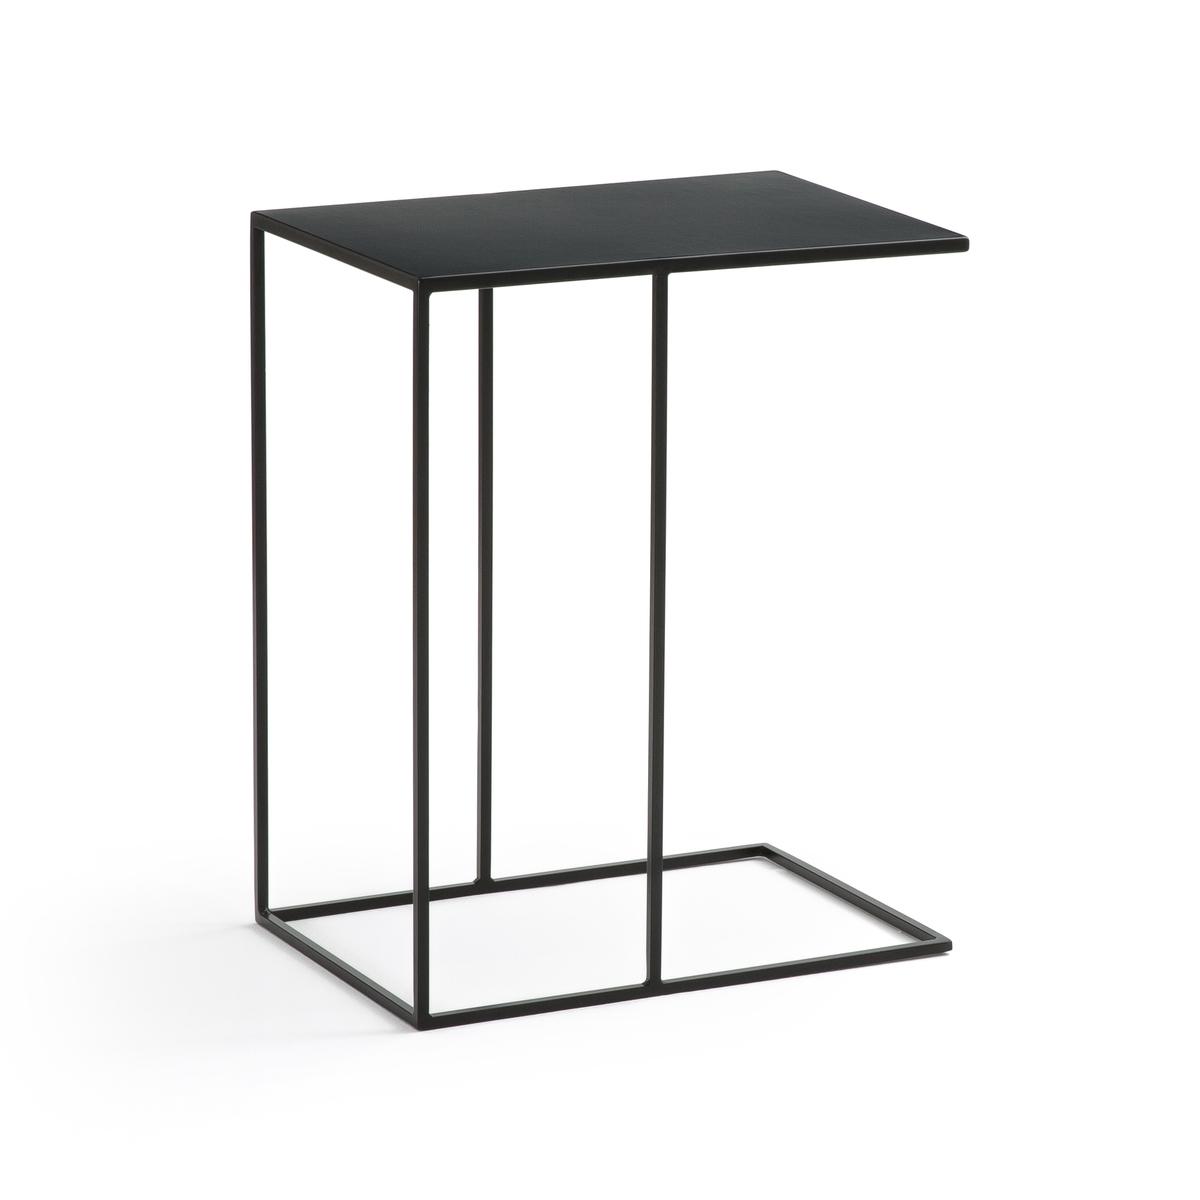 Столик La Redoute Журнальный из металла HIBA единый размер черный